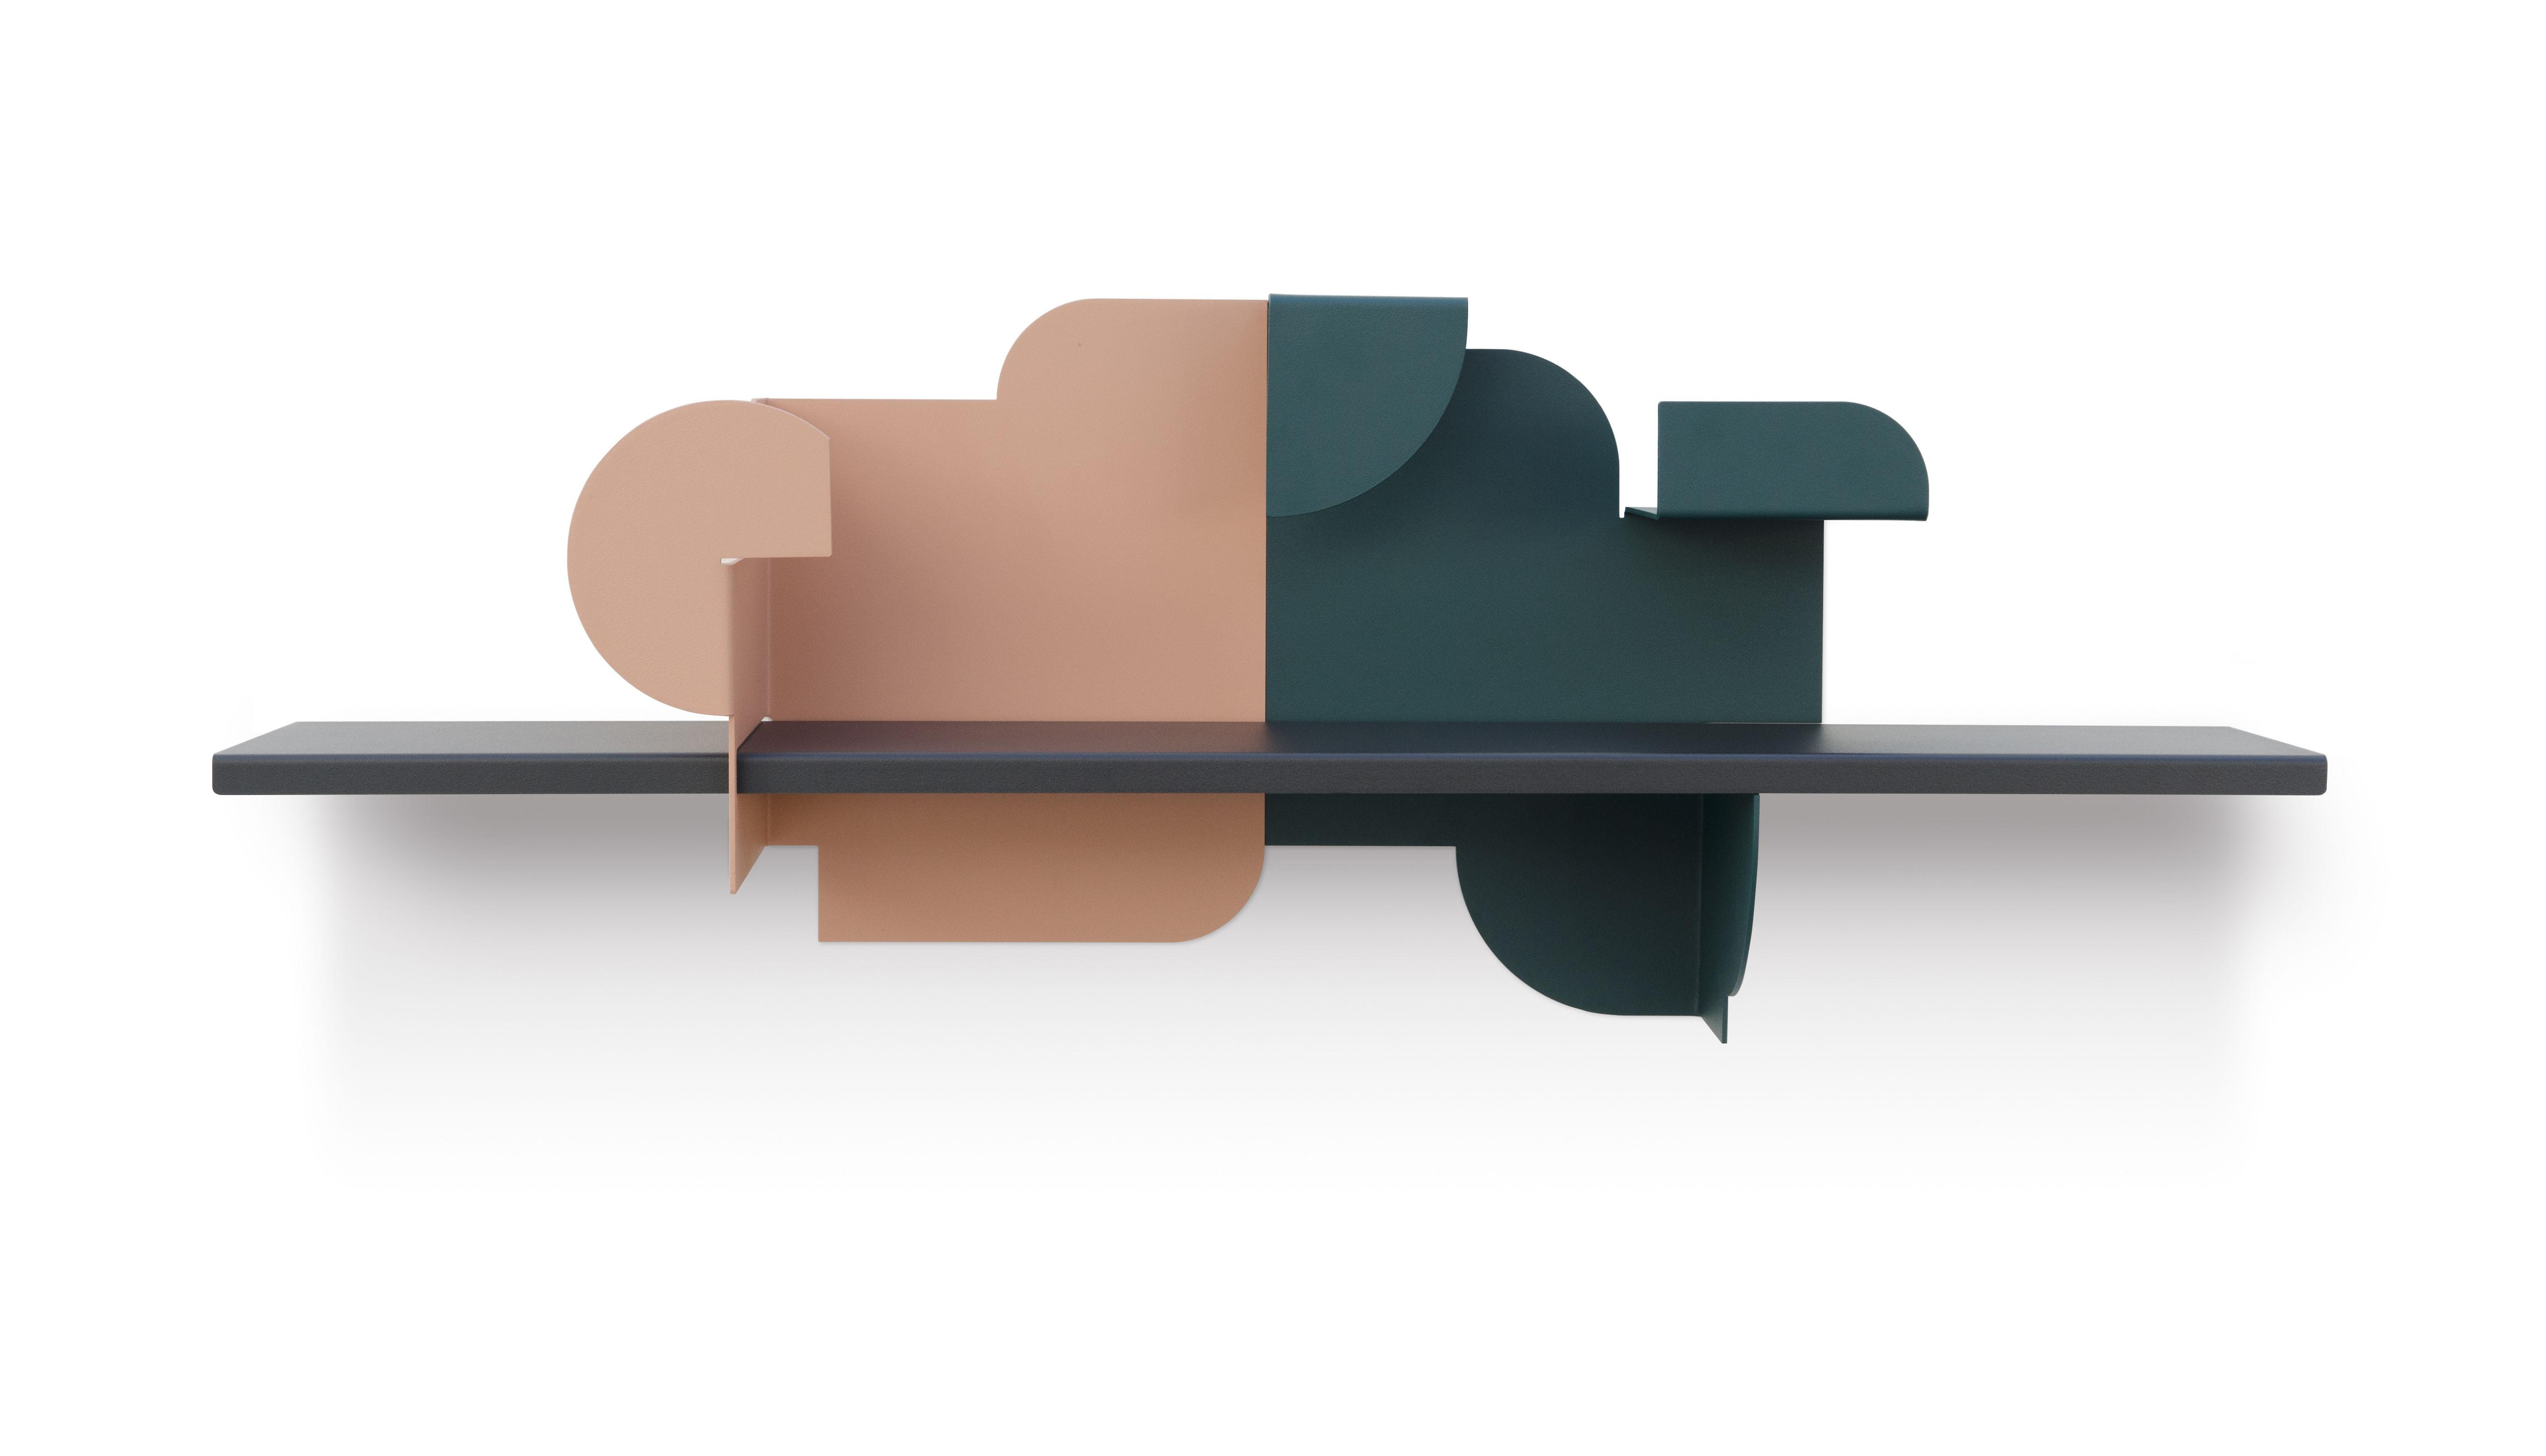 Arredamento - Scaffali e librerie - Scaffale Urba 02 - / Reggilibri integrati - L 78 cm di Presse citron - Rosa nude & Verde / Carbone - Acciaio laccato